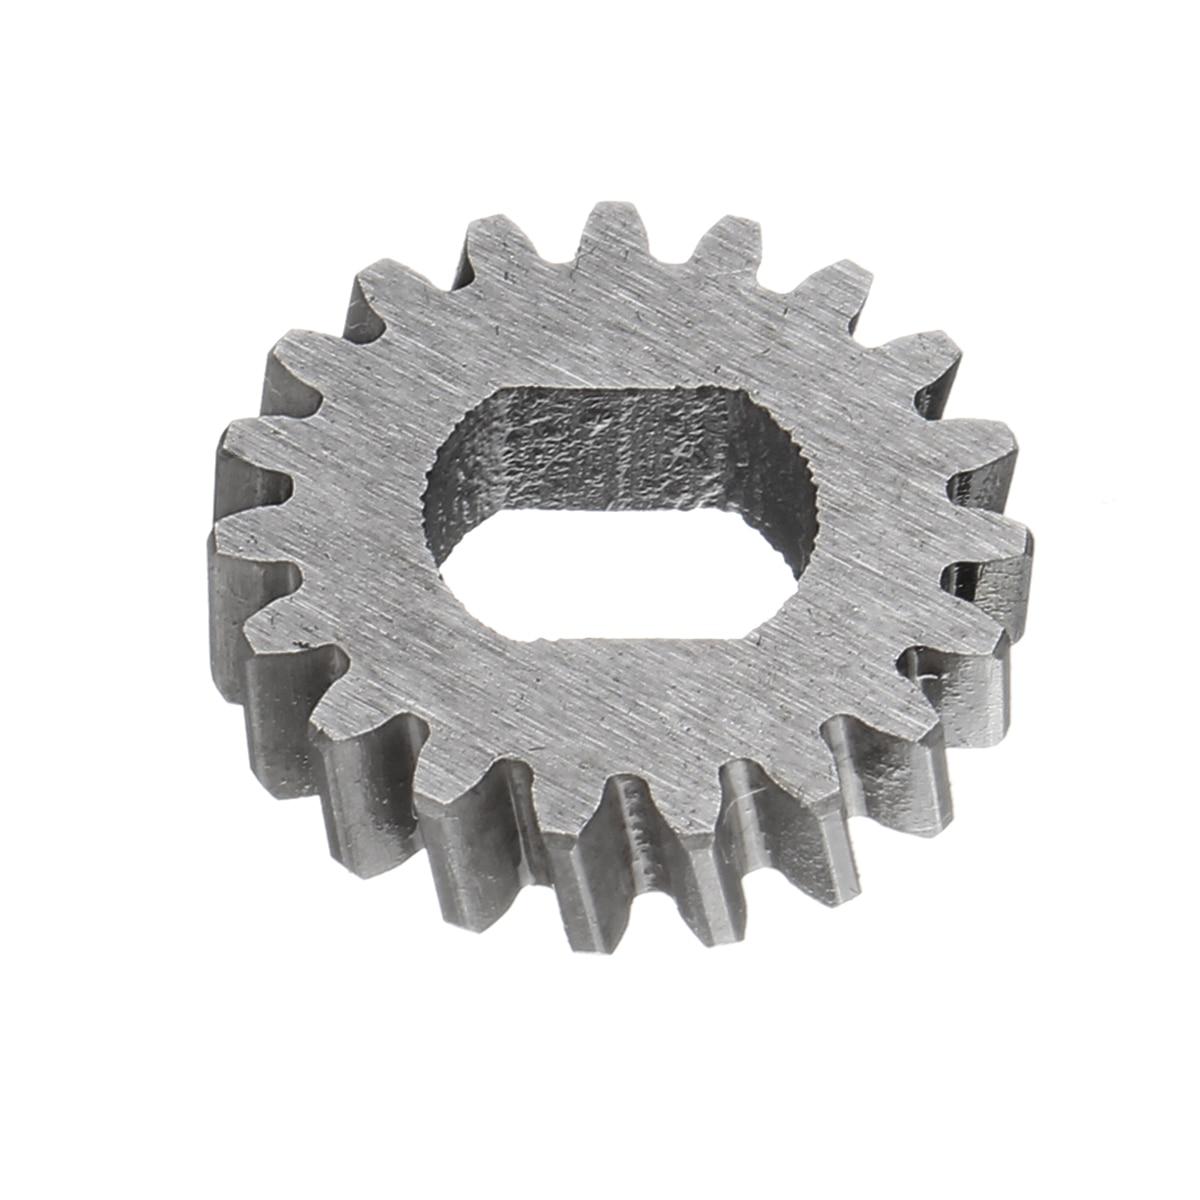 19 zähne Auto Fenster Lift System Metall schiebedach motor getriebe Reparatur Getriebe Cog für BMW 320 325 335 528 550 650 740 750 M3 M5 M6